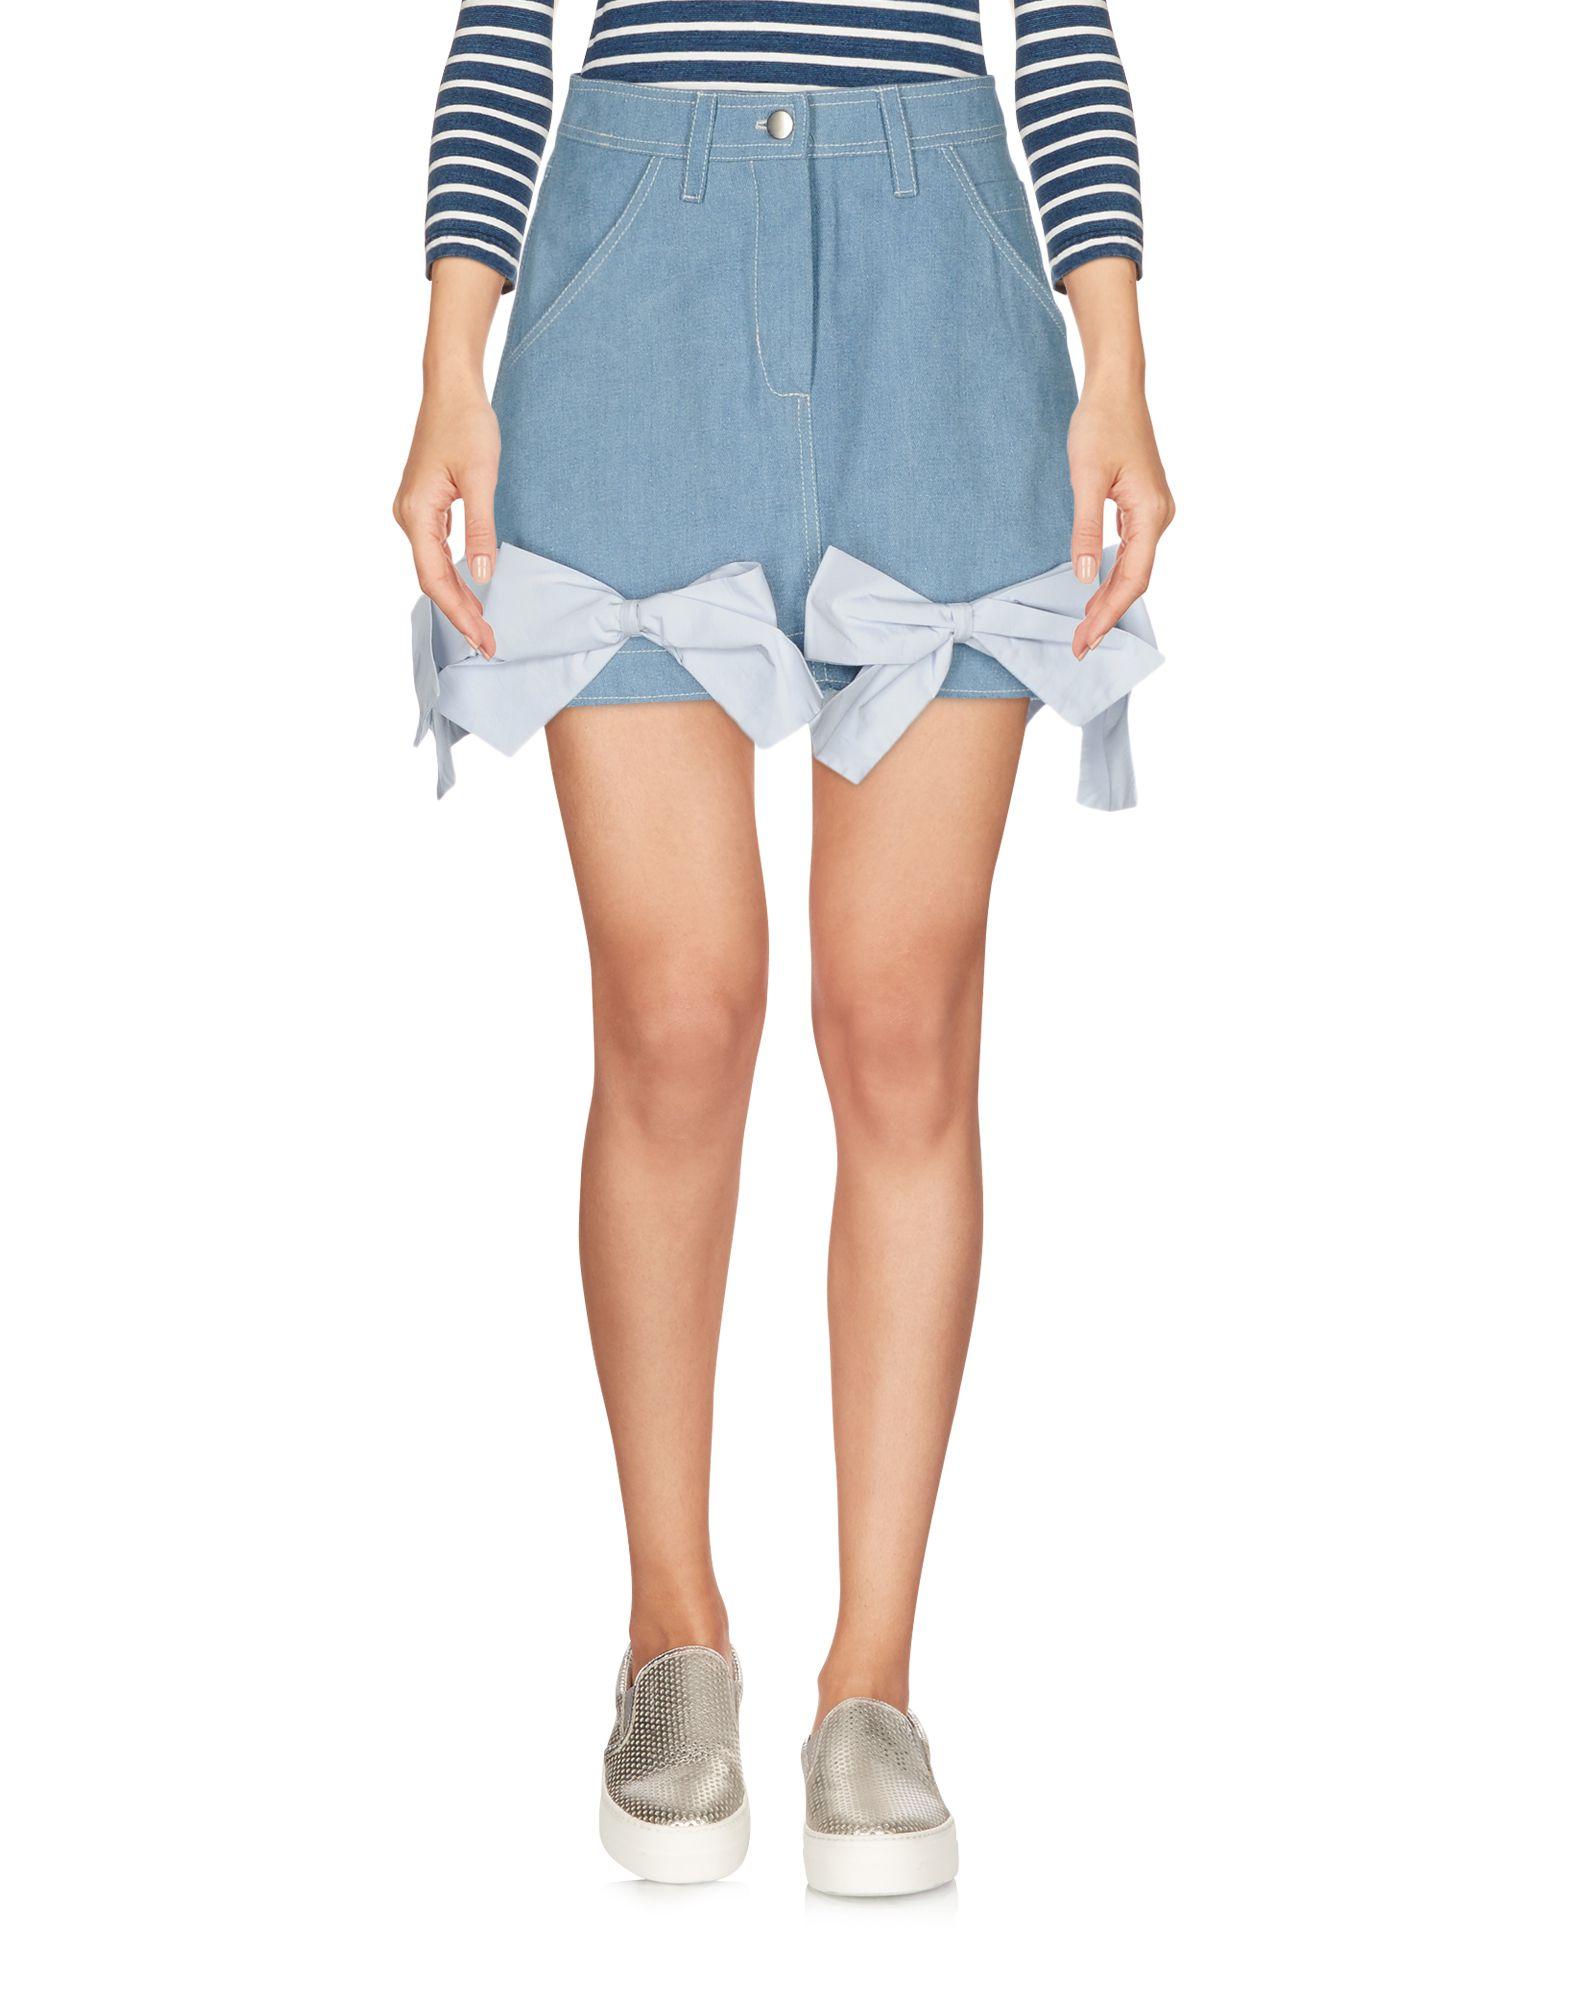 ANNAK Denim Skirt in Blue